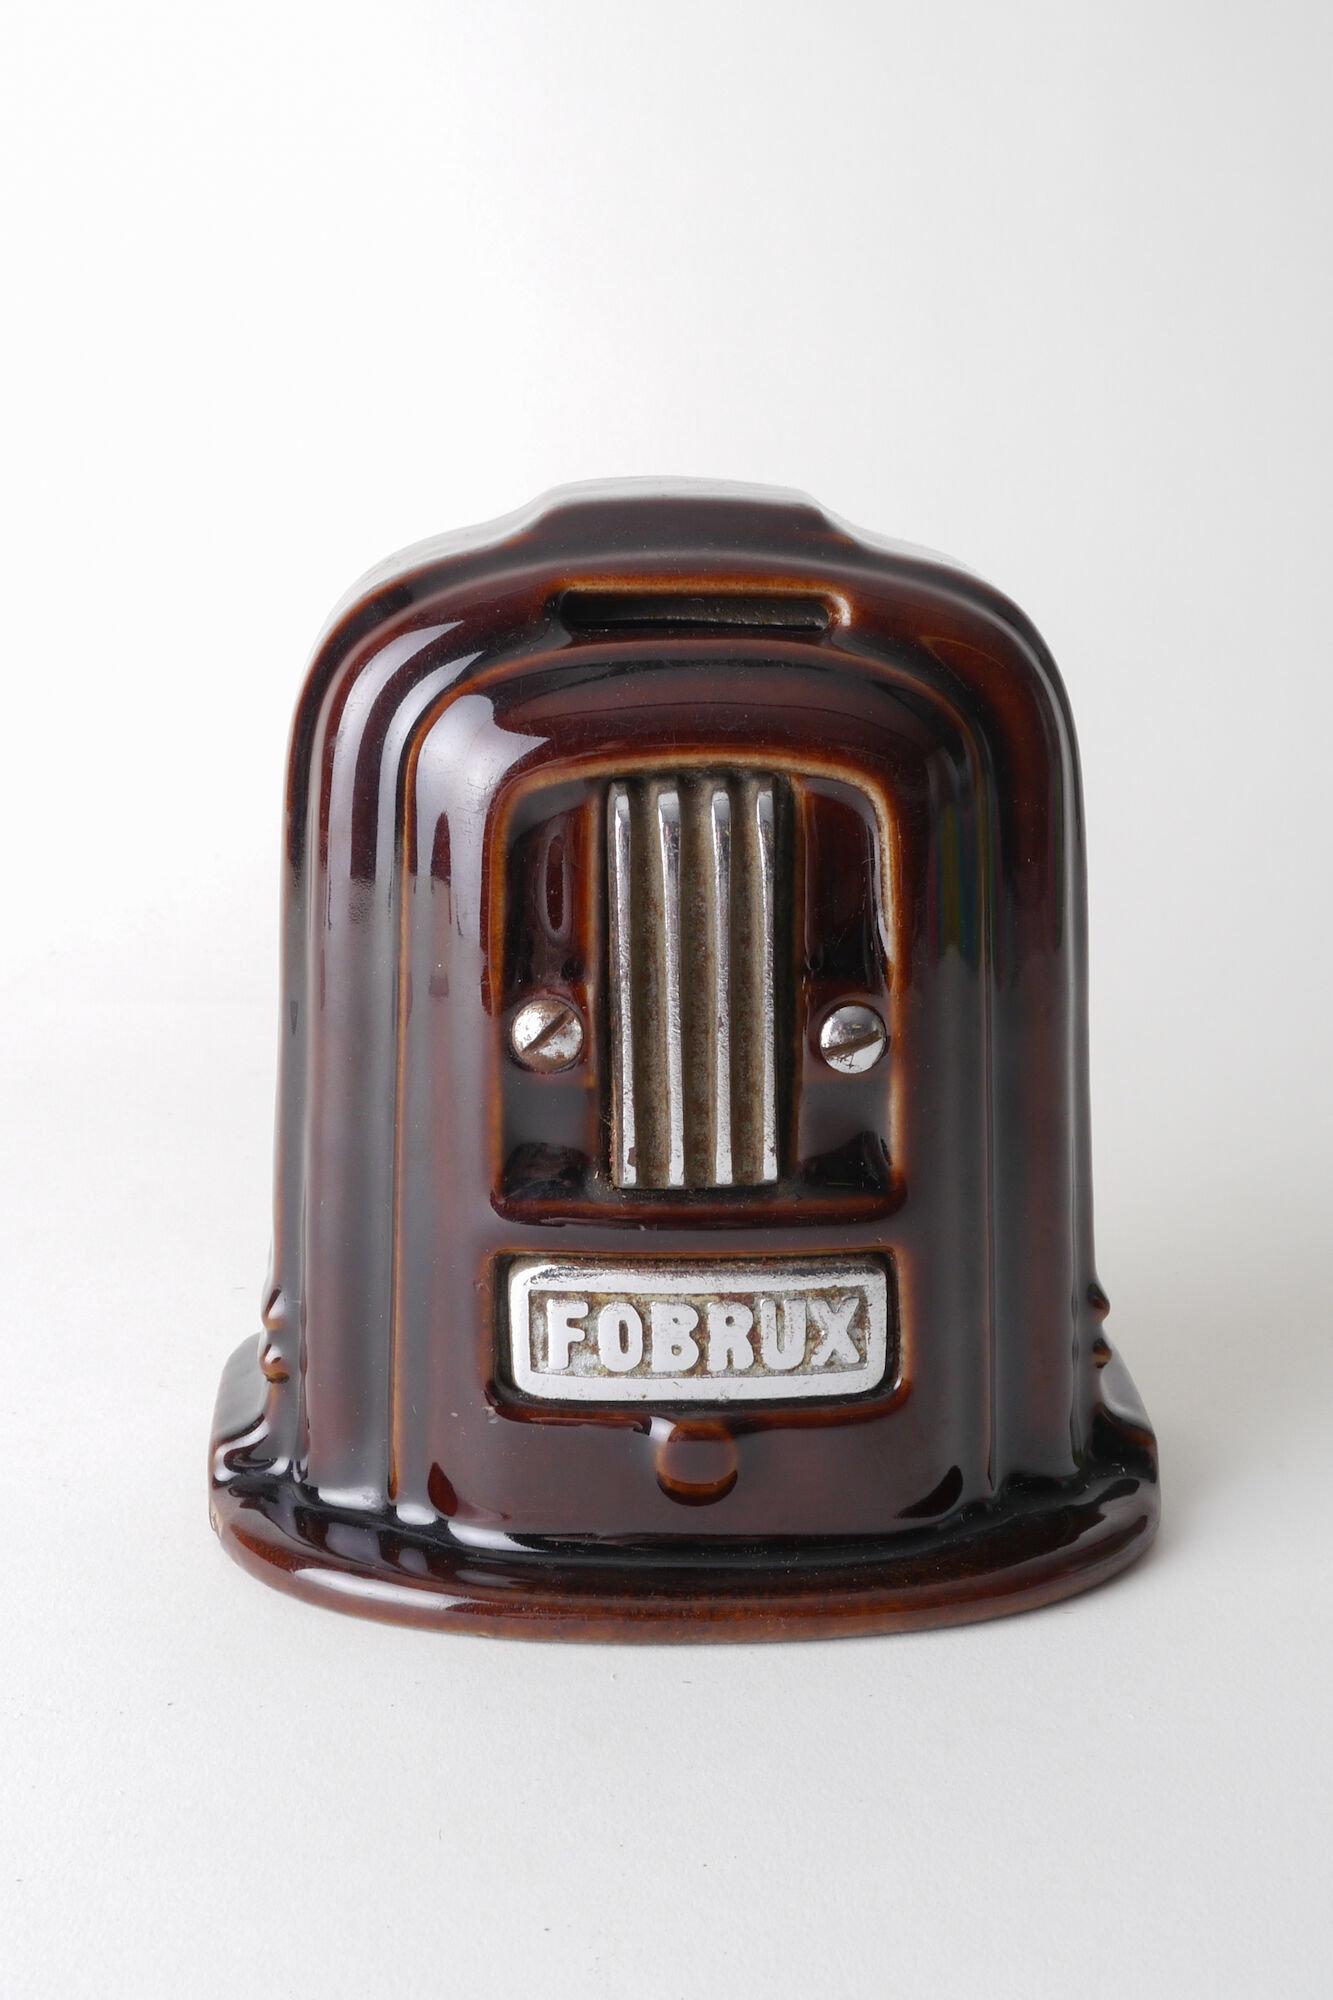 Geëmailleerde spaarpot in de vorm van een kachel van het merk Fobrux